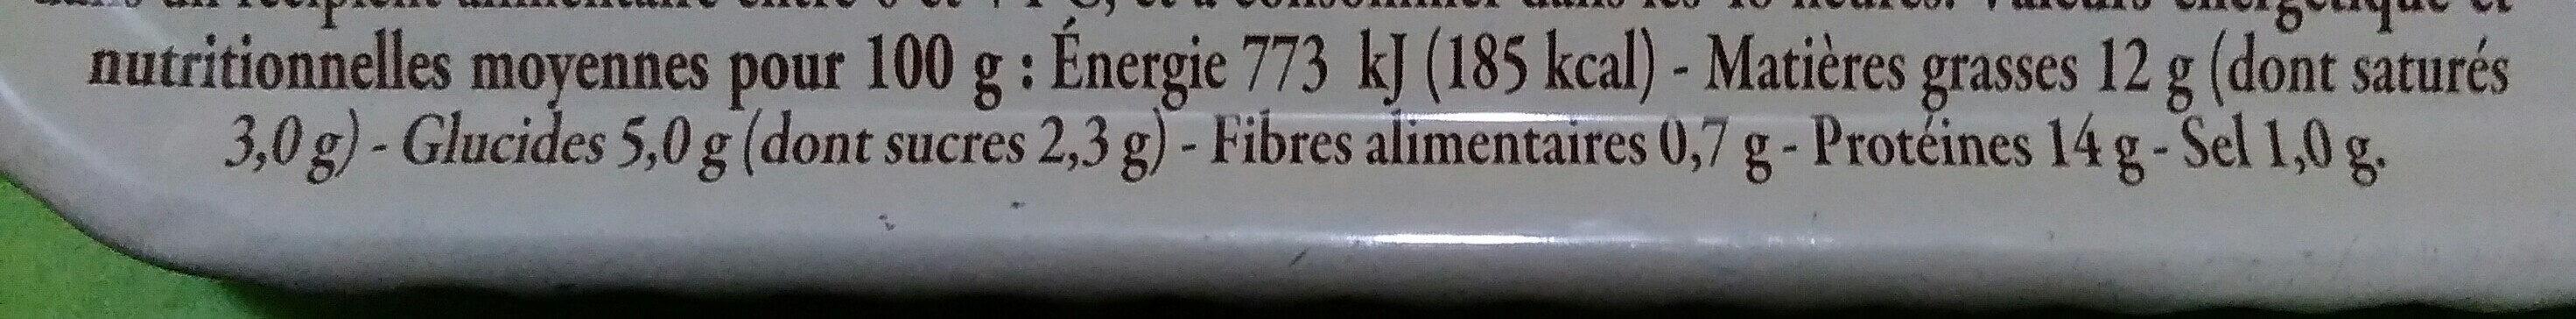 filets de maquereaux marinés aux échalotes - Nutrition facts